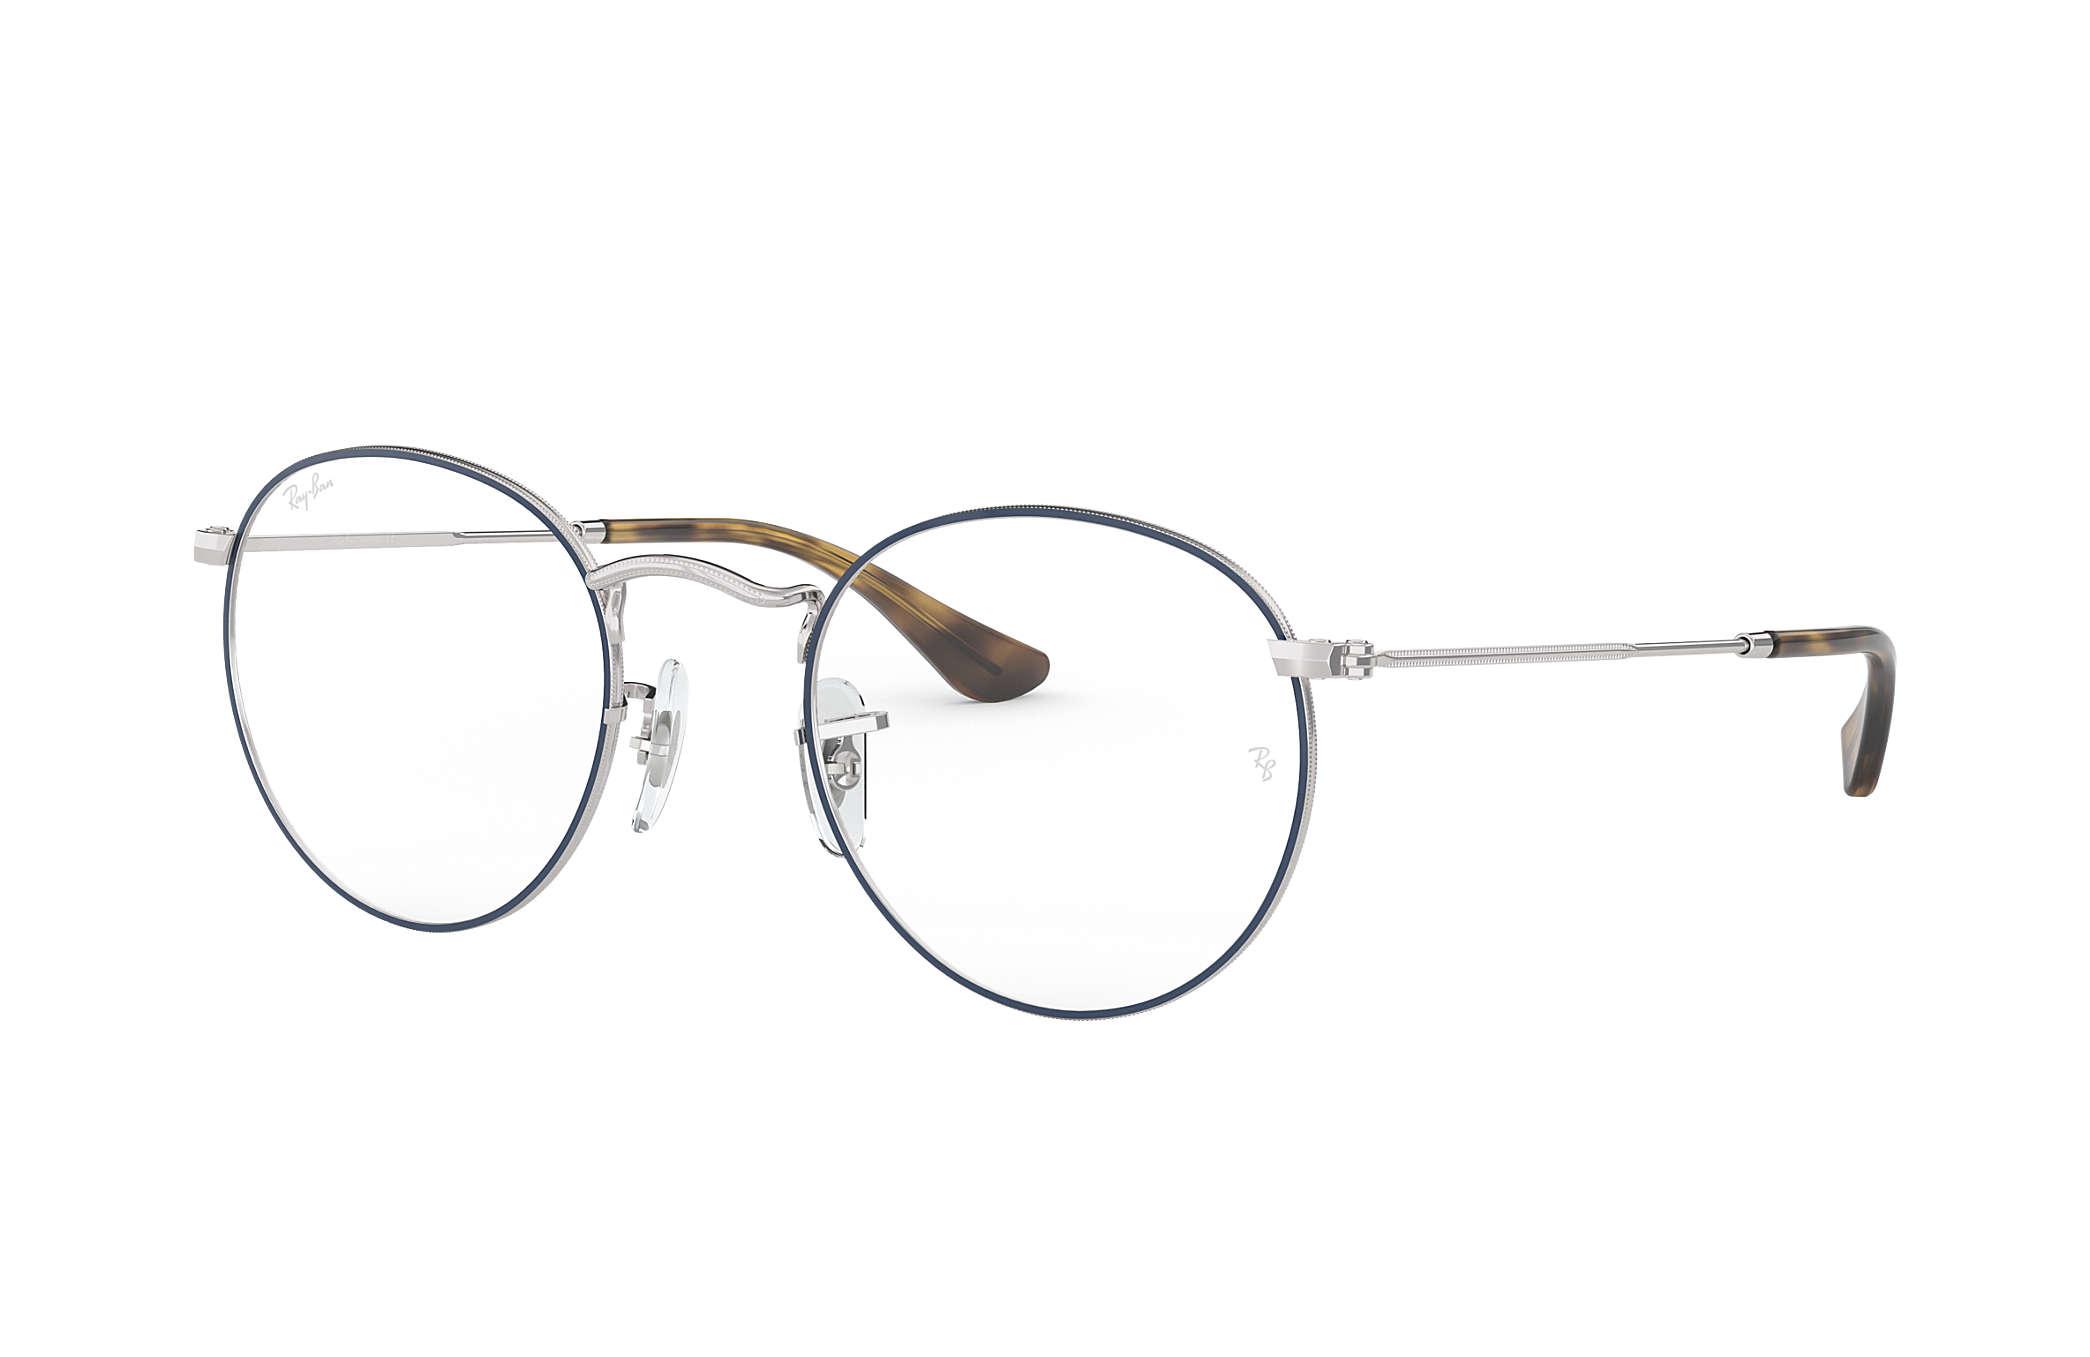 Ray-Ban prescription glasses Round Metal Optics RB3447V Blue - Metal ... e33a5da40290